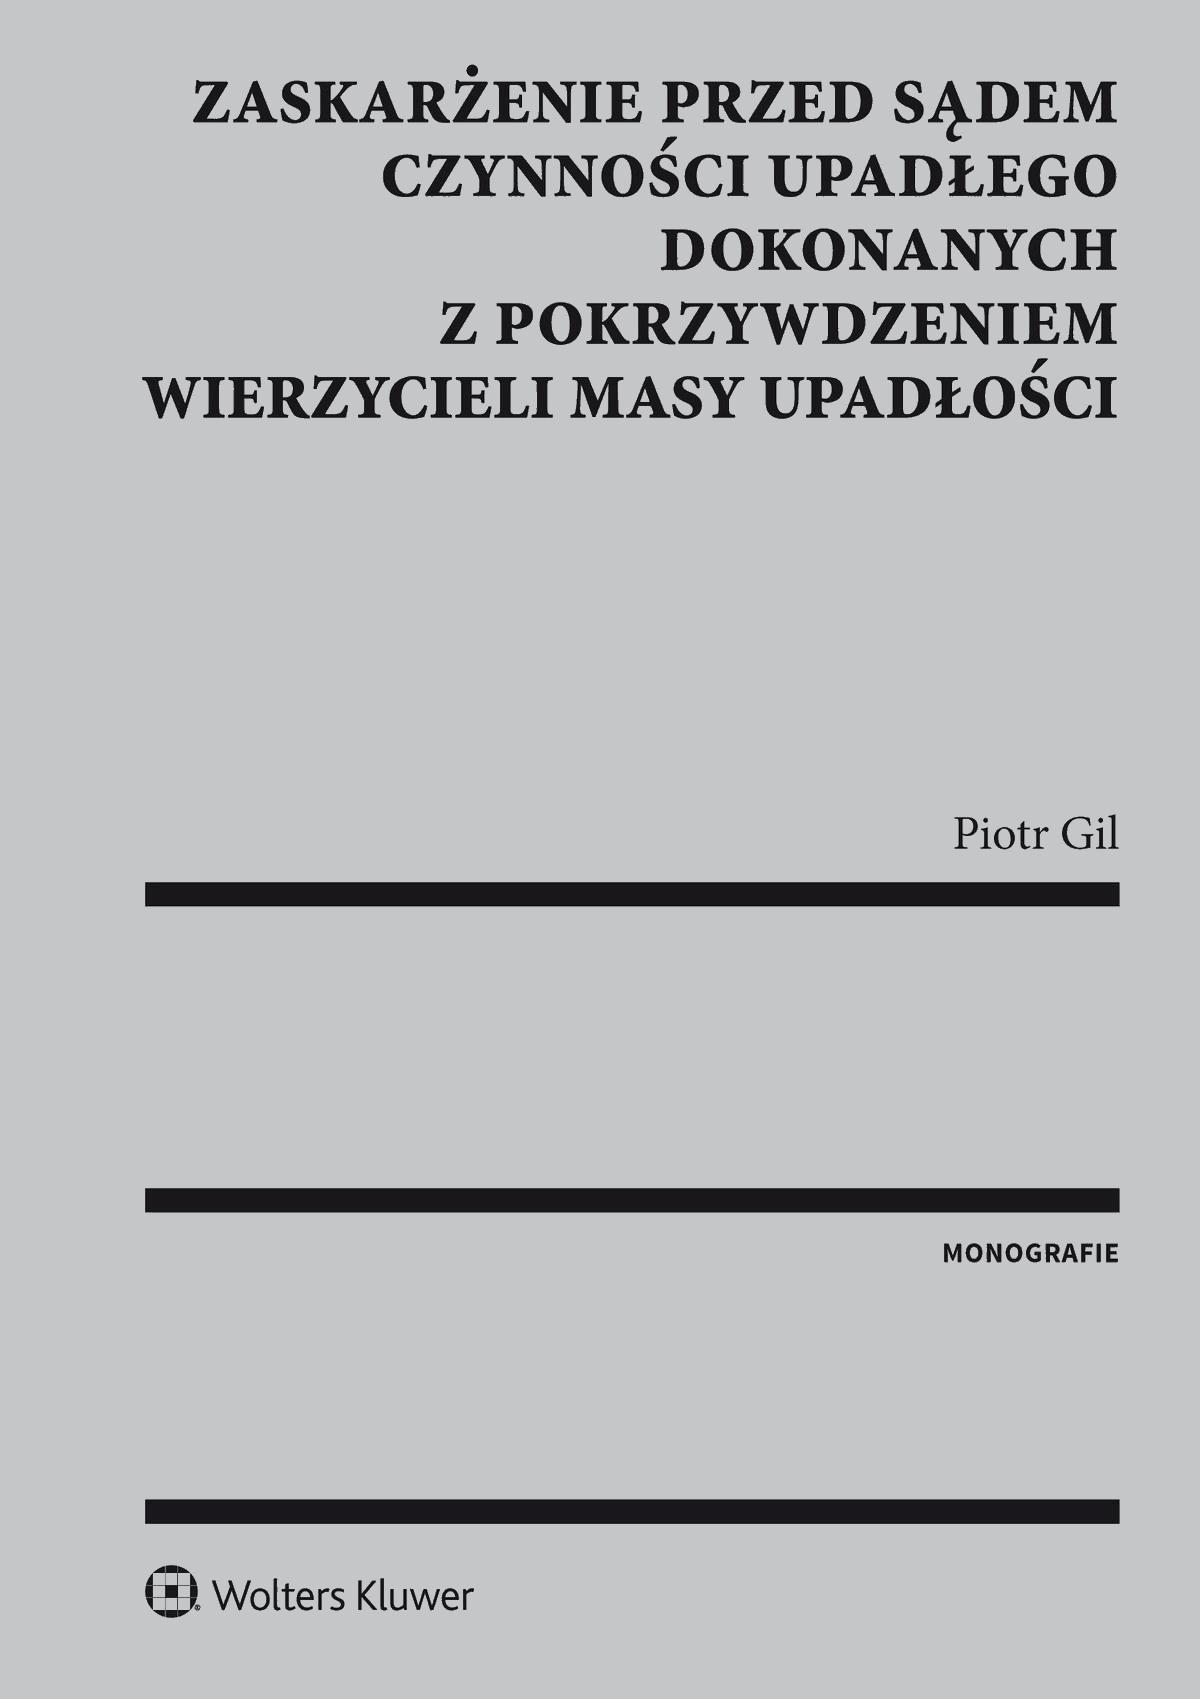 Zaskarżenie przed sądem czynności upadłego dokonanych z pokrzywdzeniem wierzycieli masy upadłości - Piotr Gil